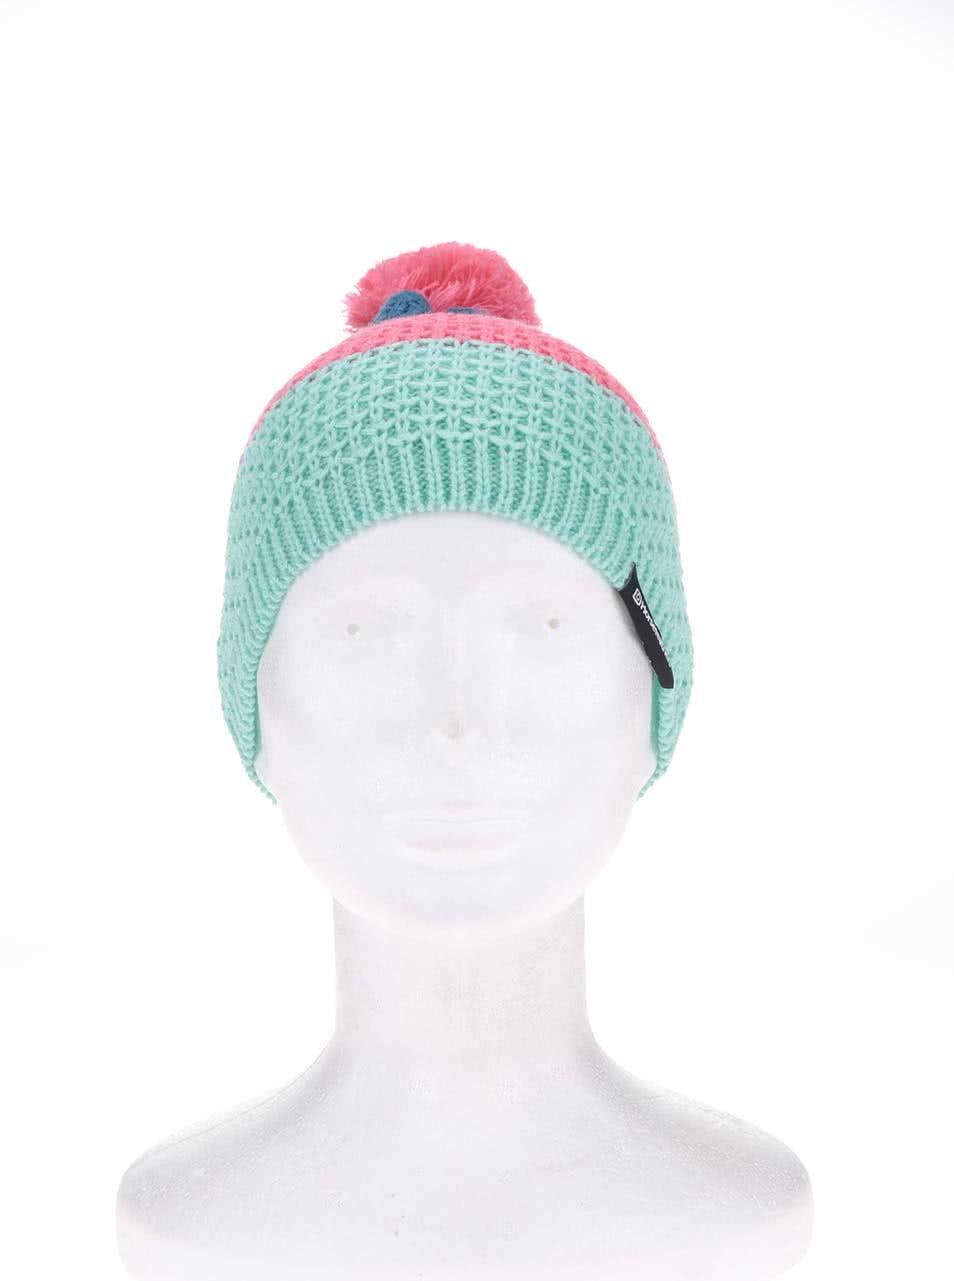 01b2225714d Modro-zeleno-růžová dámská čepice Horsefeathers Abbie ...